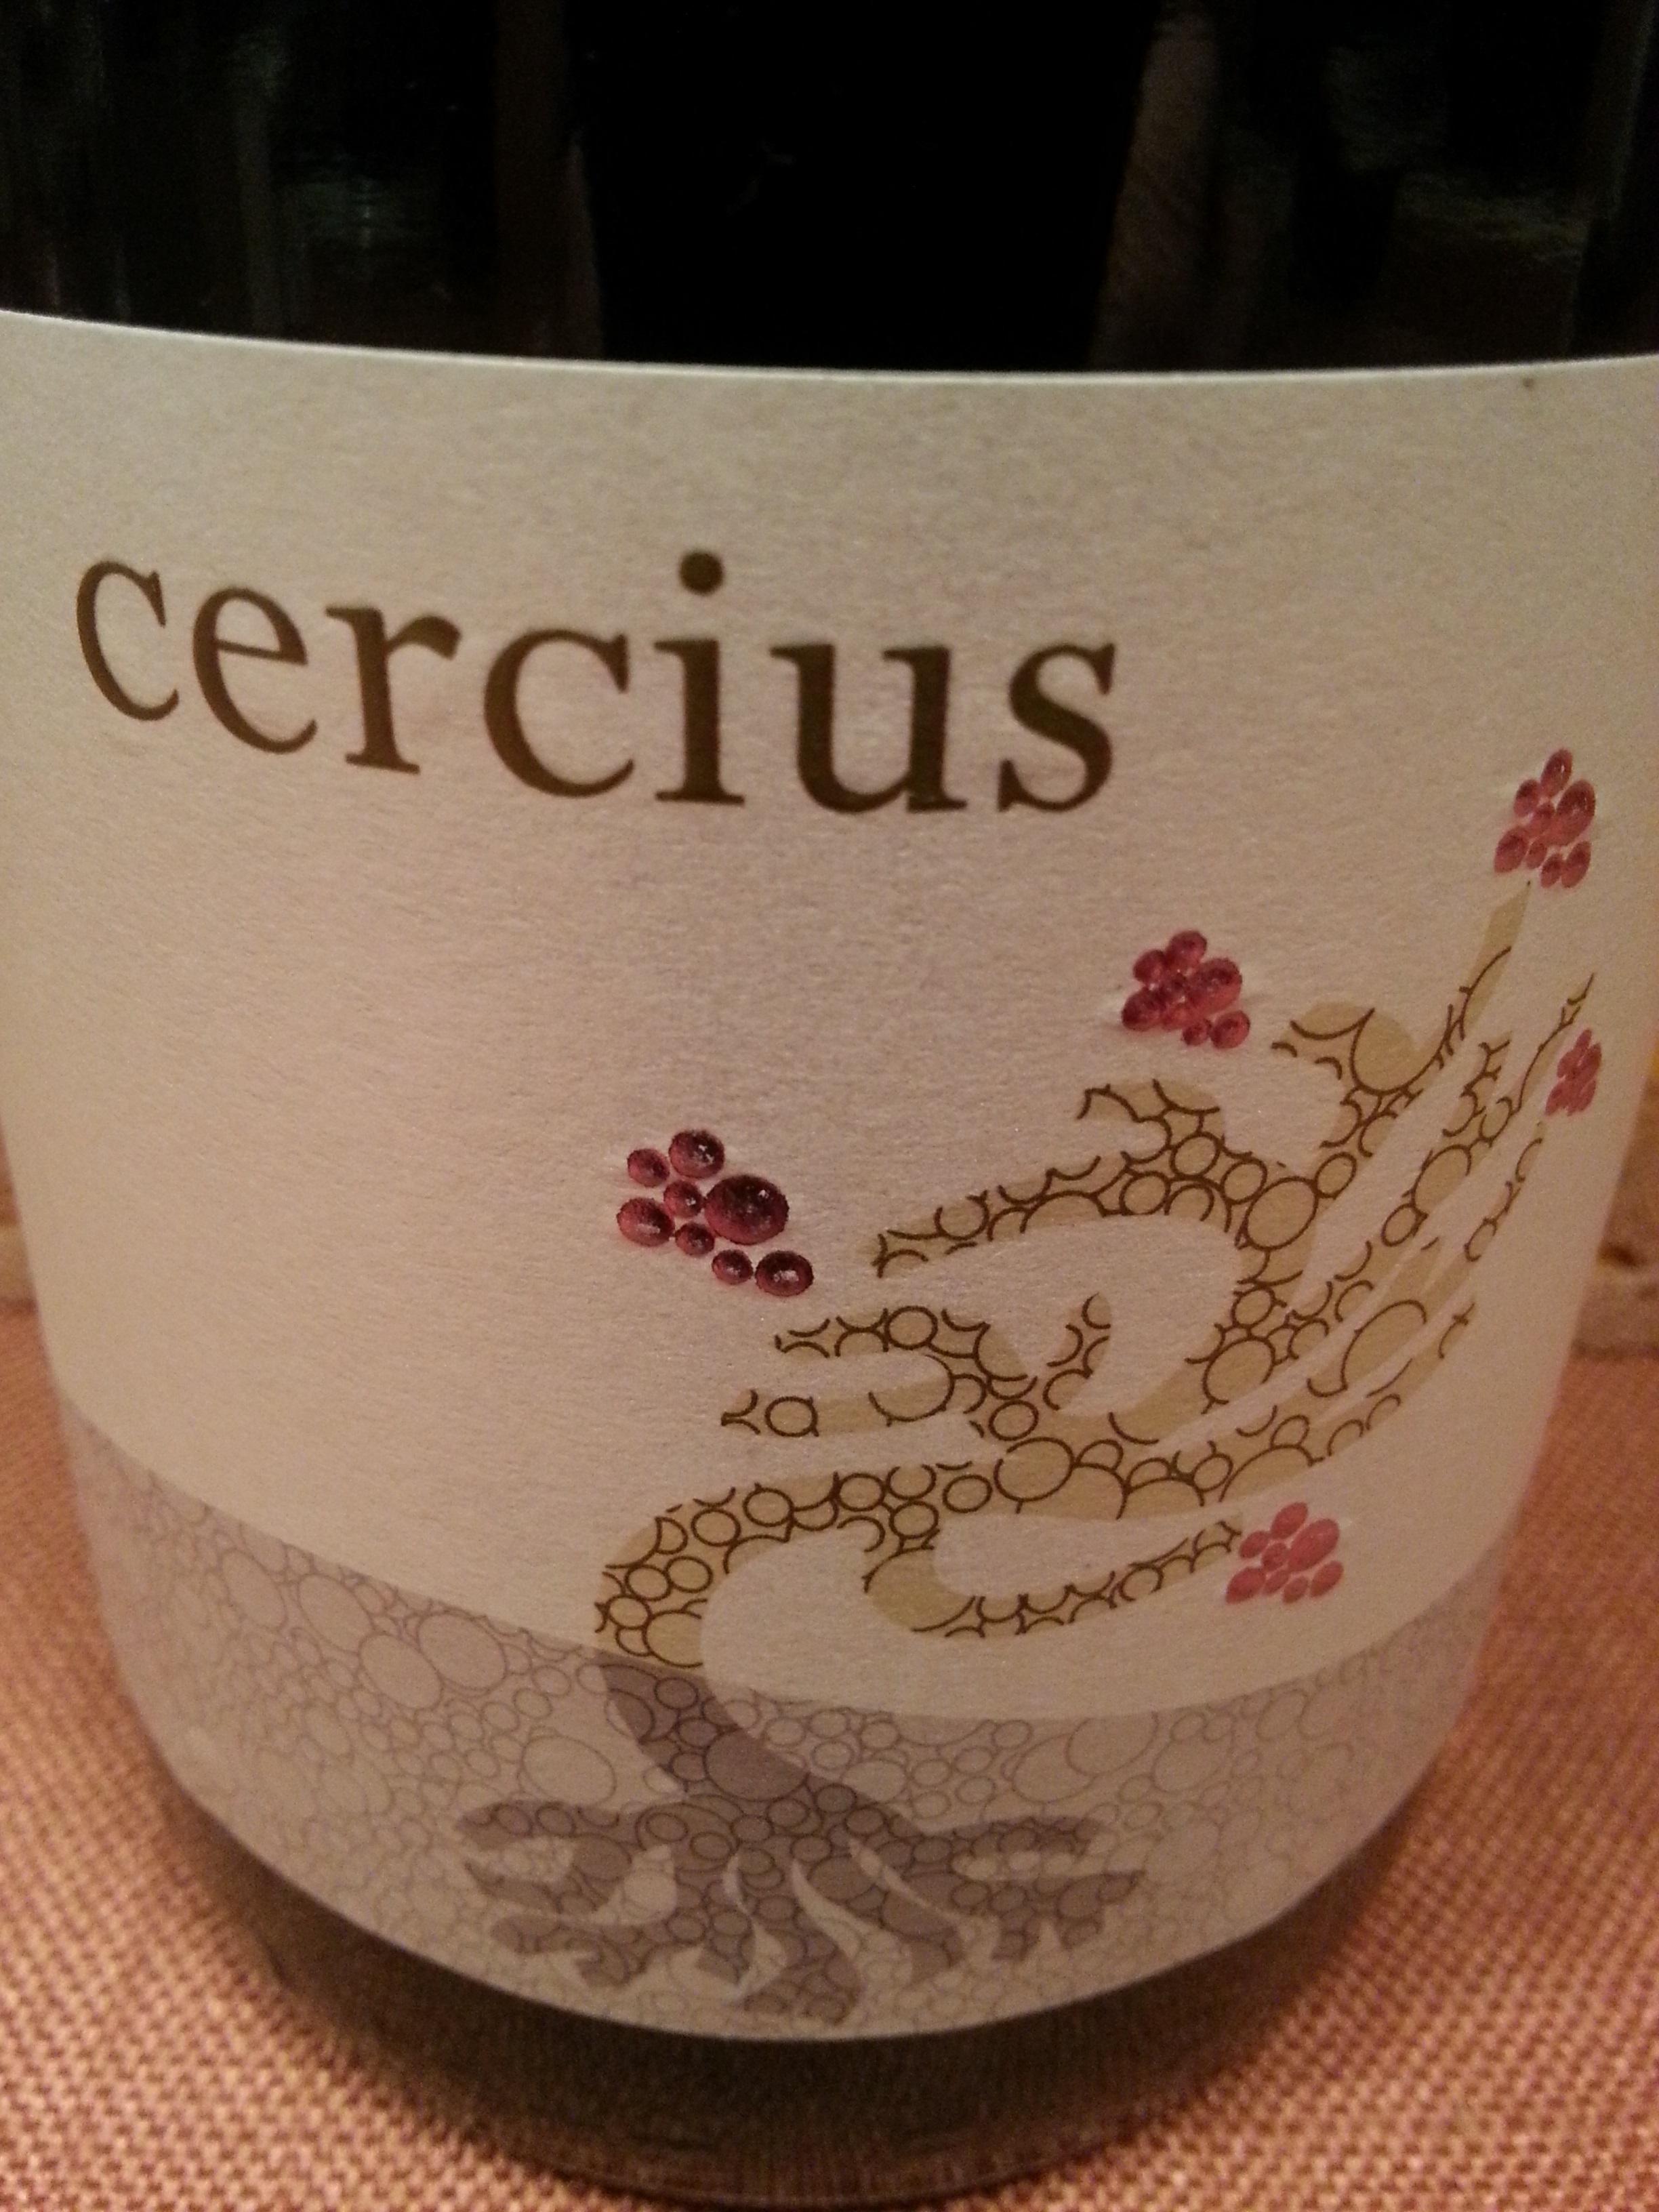 2010 Cercius CdR | Gassier